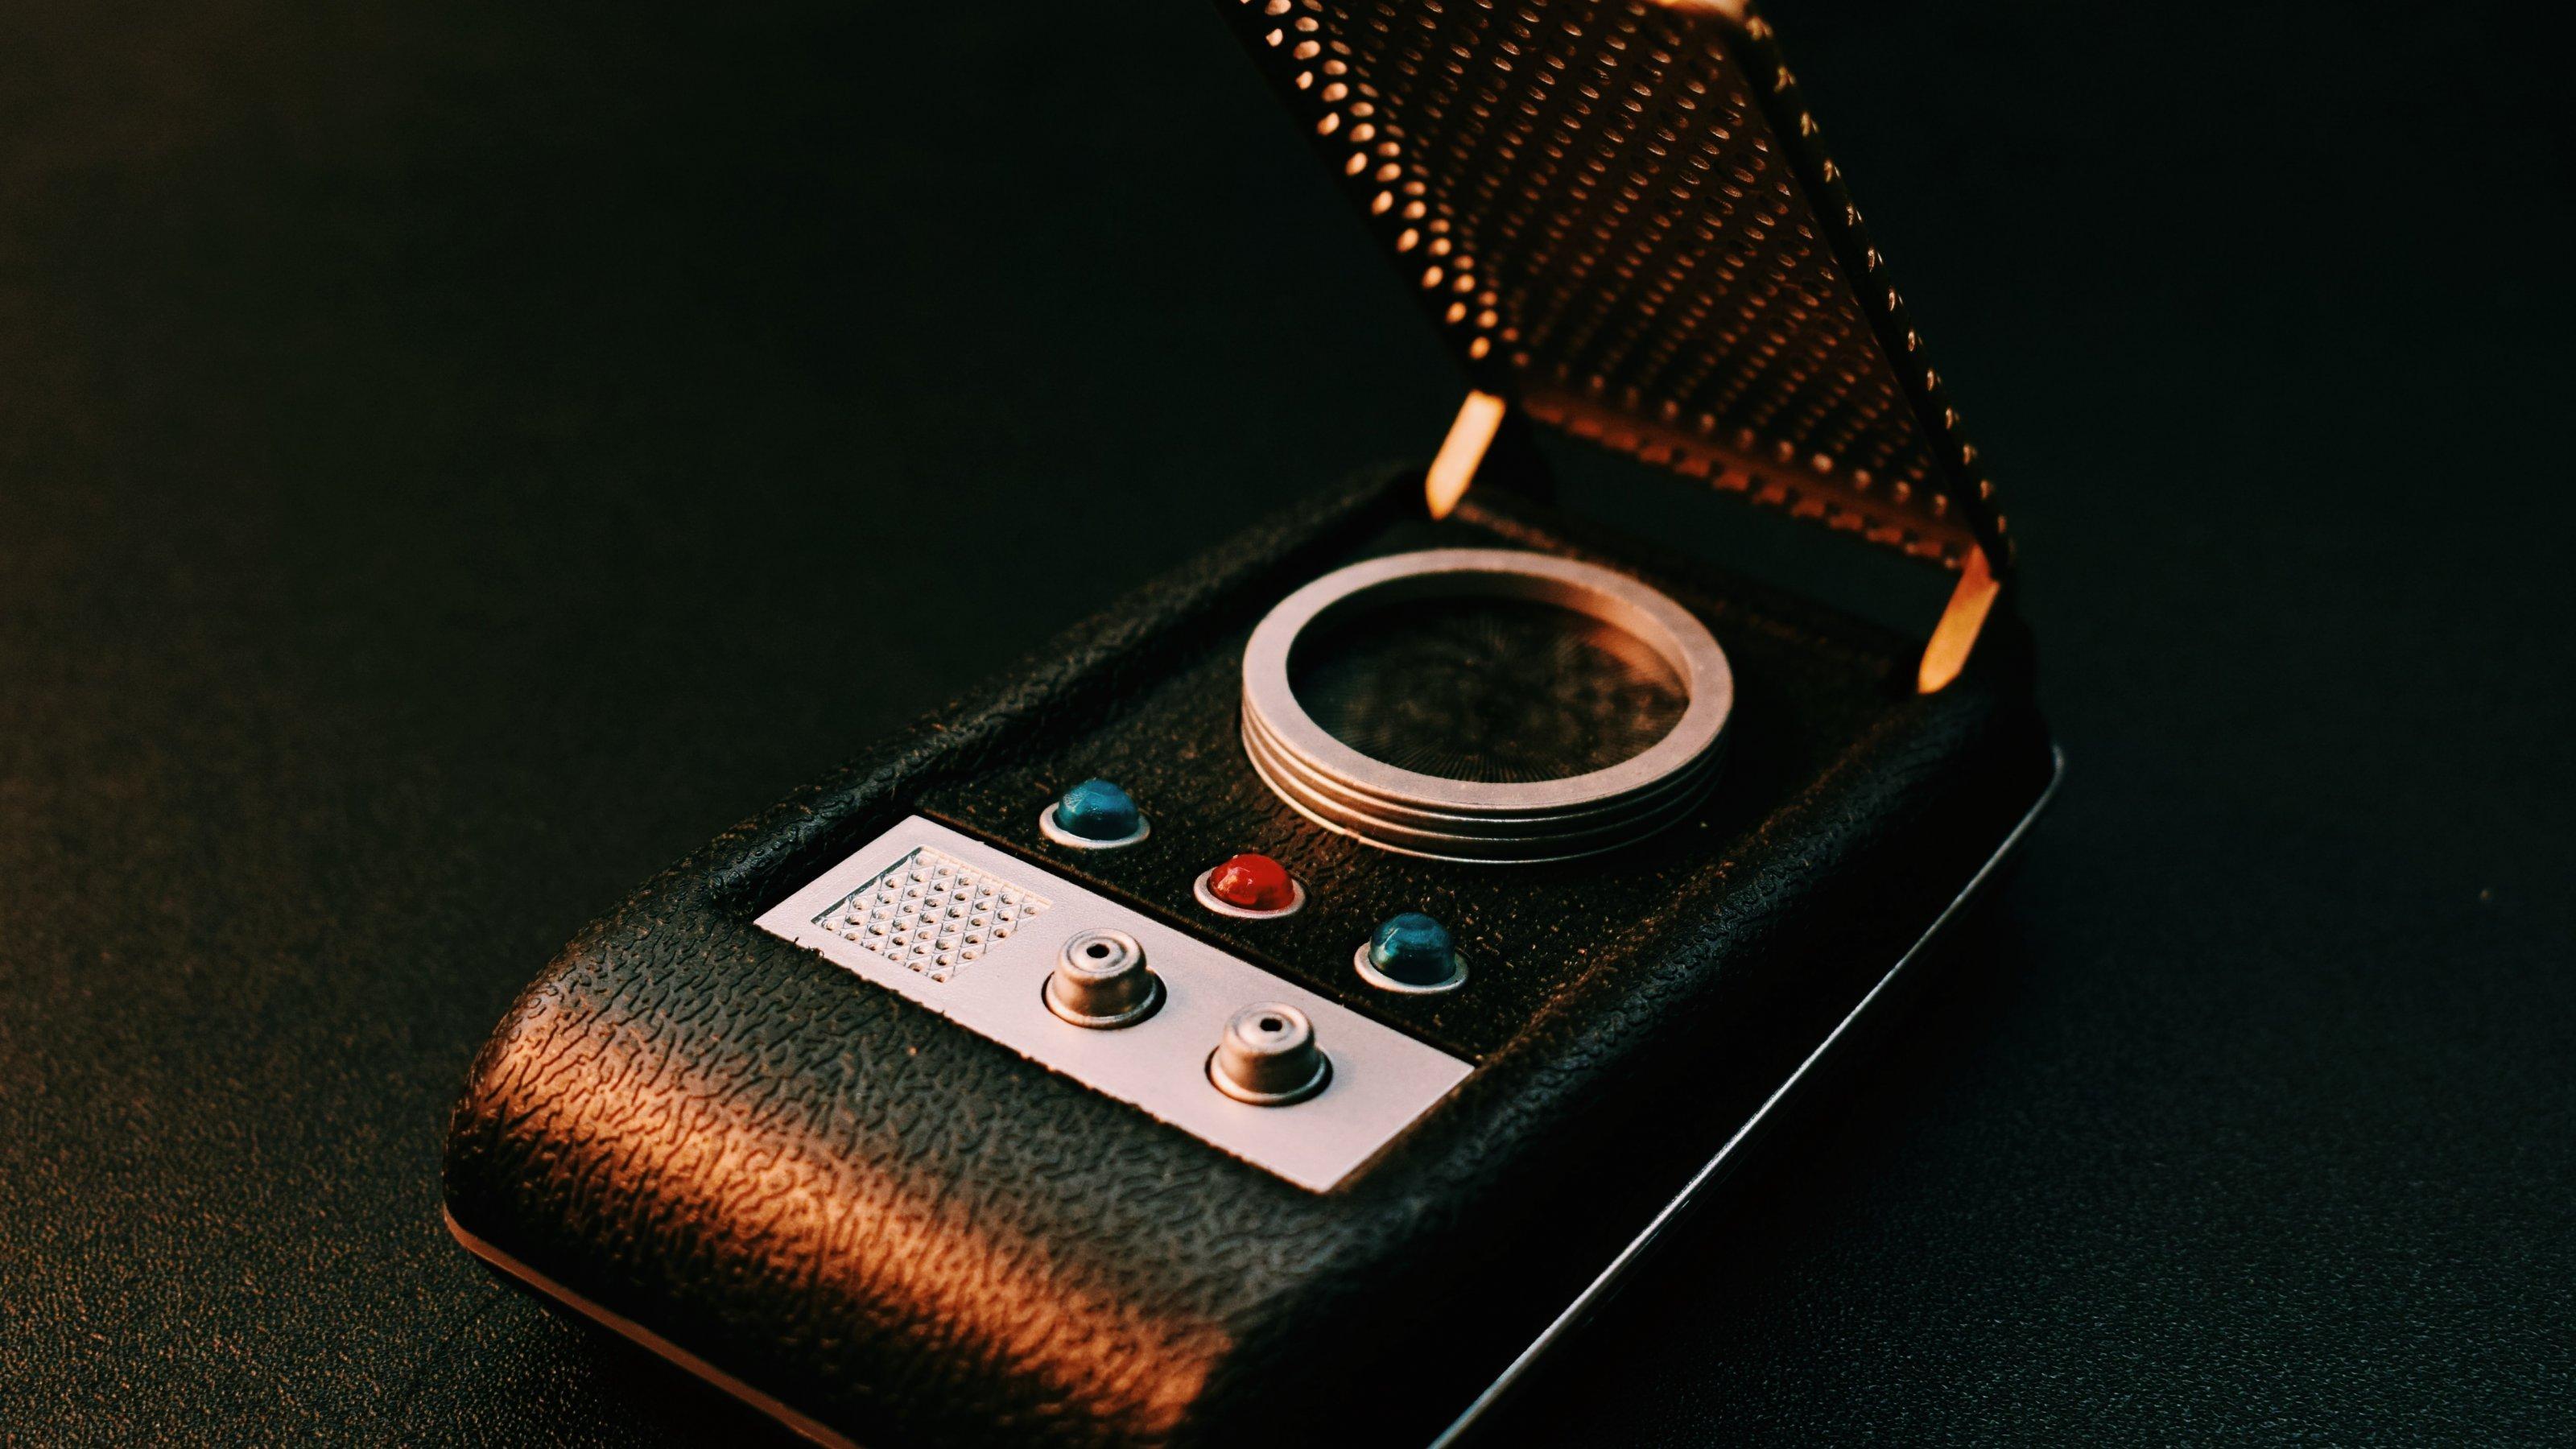 Ein Kommunikator aus der Science-Fiction-Serie Star Trek aus den 1960er Jahren. Damals nicht mehr als ein schwarzes Stück Kunststoff mit einer goldenen Gitter-Abdeckung, kleinen Knöpfen und blinkenden Lichtern, so war es doch die Vorlage für das erste Klapphandy von Motorola.